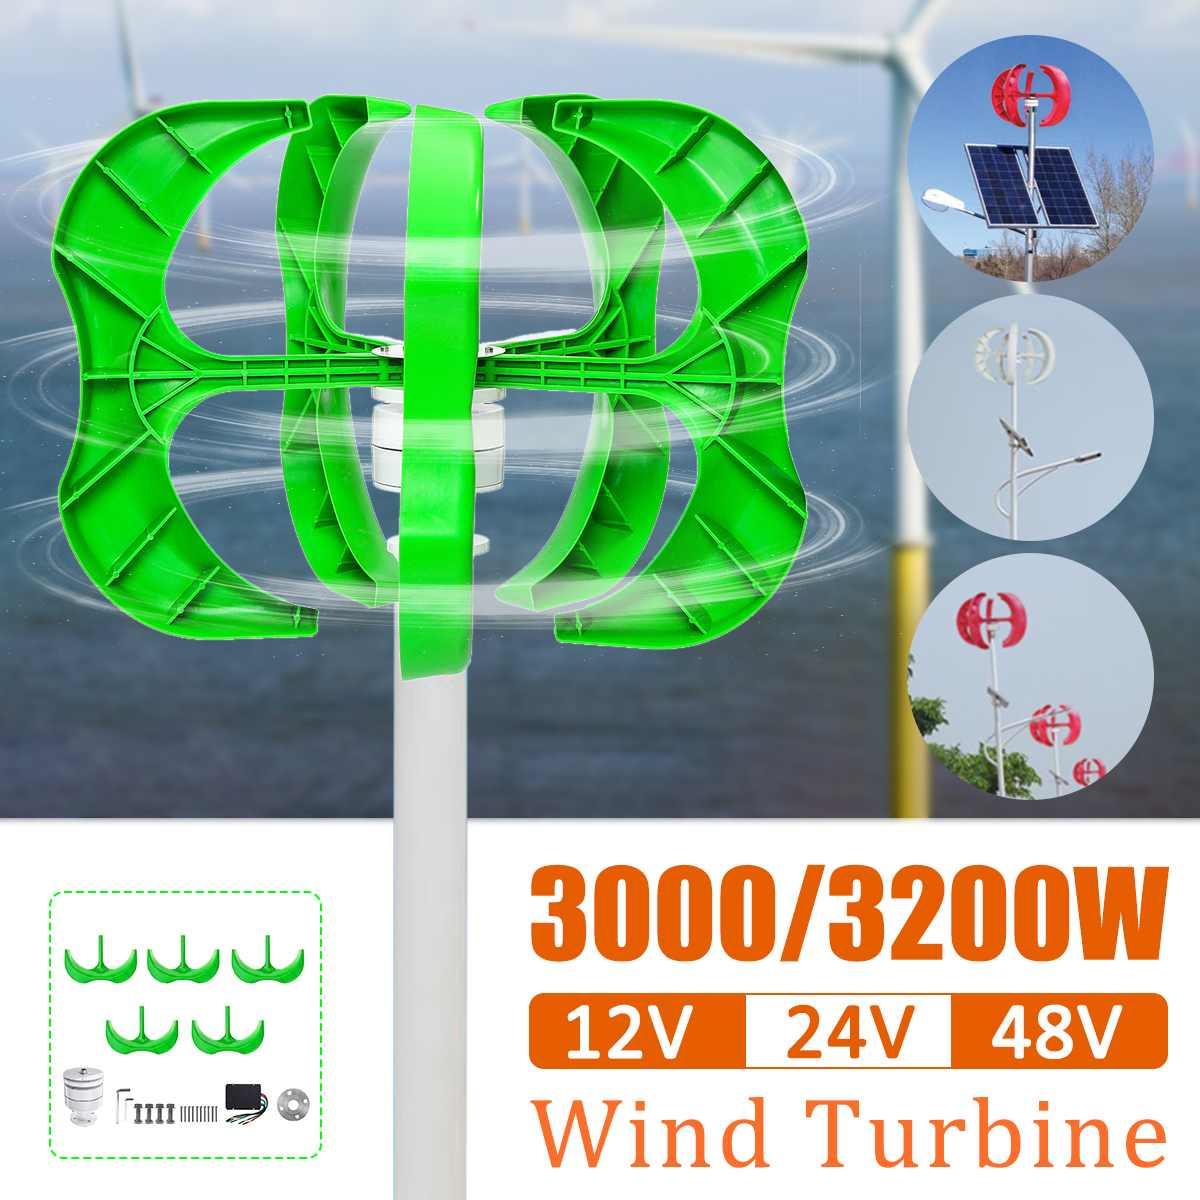 3200 W/3000 W générateur de vent 5 pales générateur 12/24/48V lanterne éoliennes axe Vertical pour lampadaire domestique + contrôleur